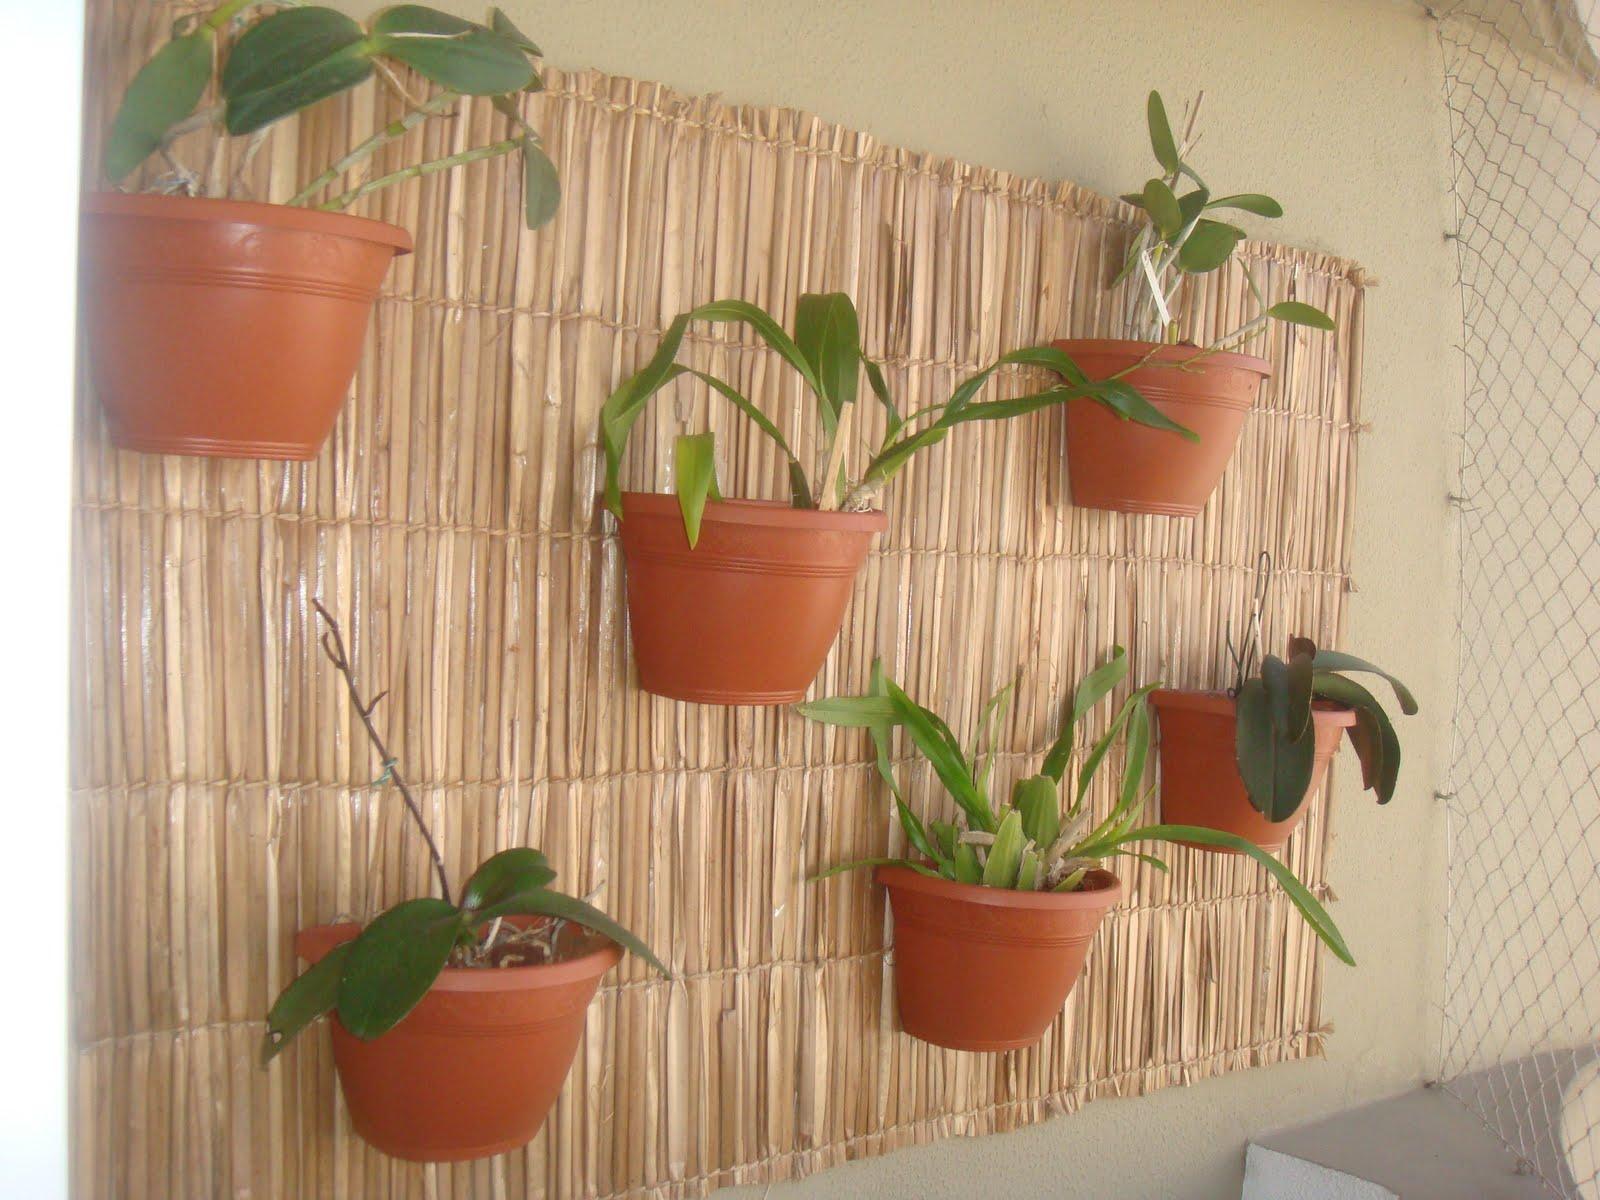 trelica bambu jardim : trelica bambu jardim:Essa idéia foi realizada por Elize Al Makul, sogra da minha irmã.